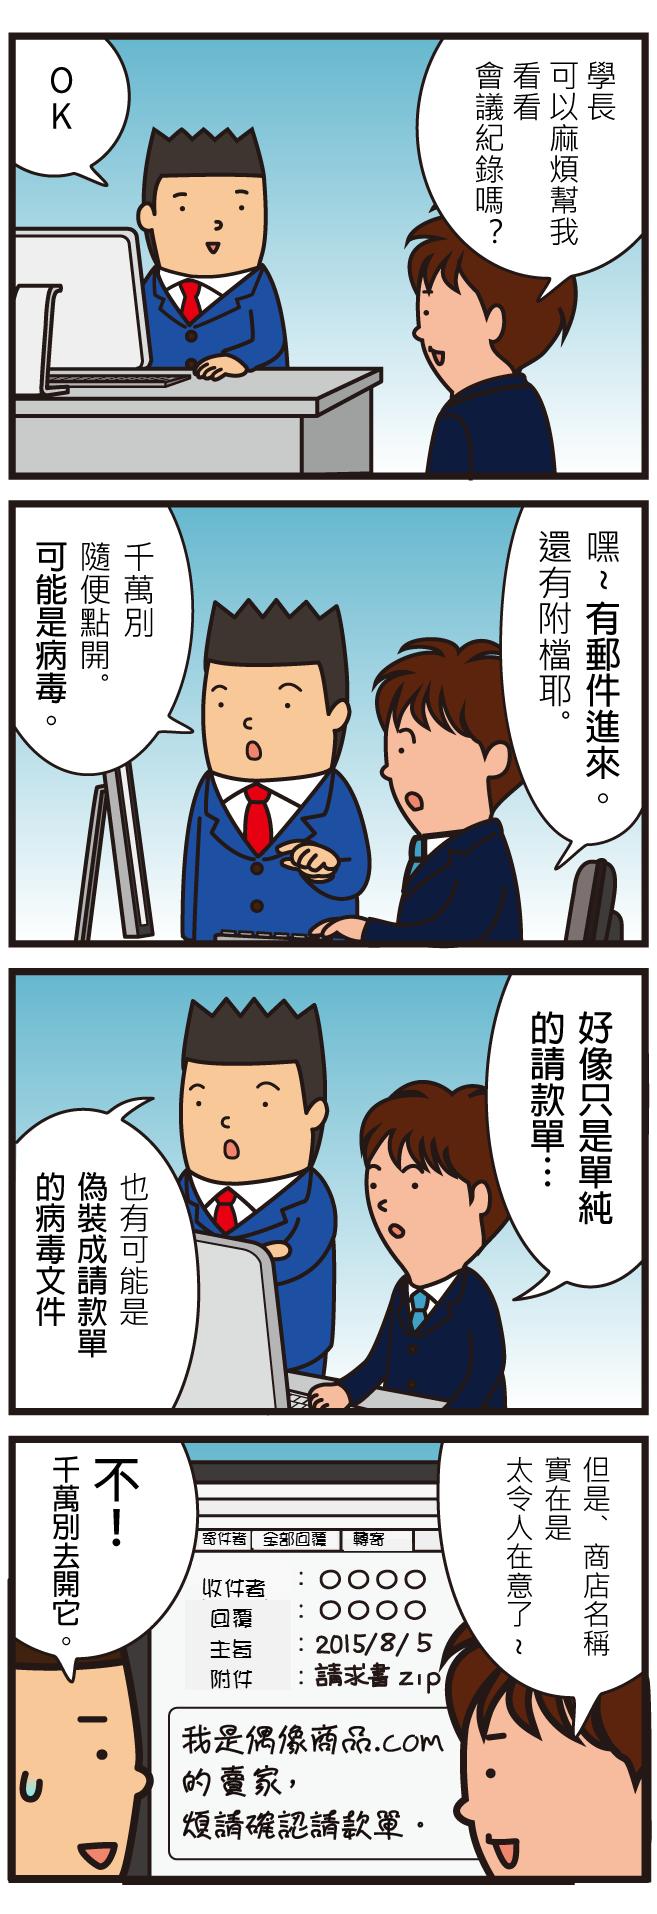 資安漫畫 網路釣信件 社交工程22-3